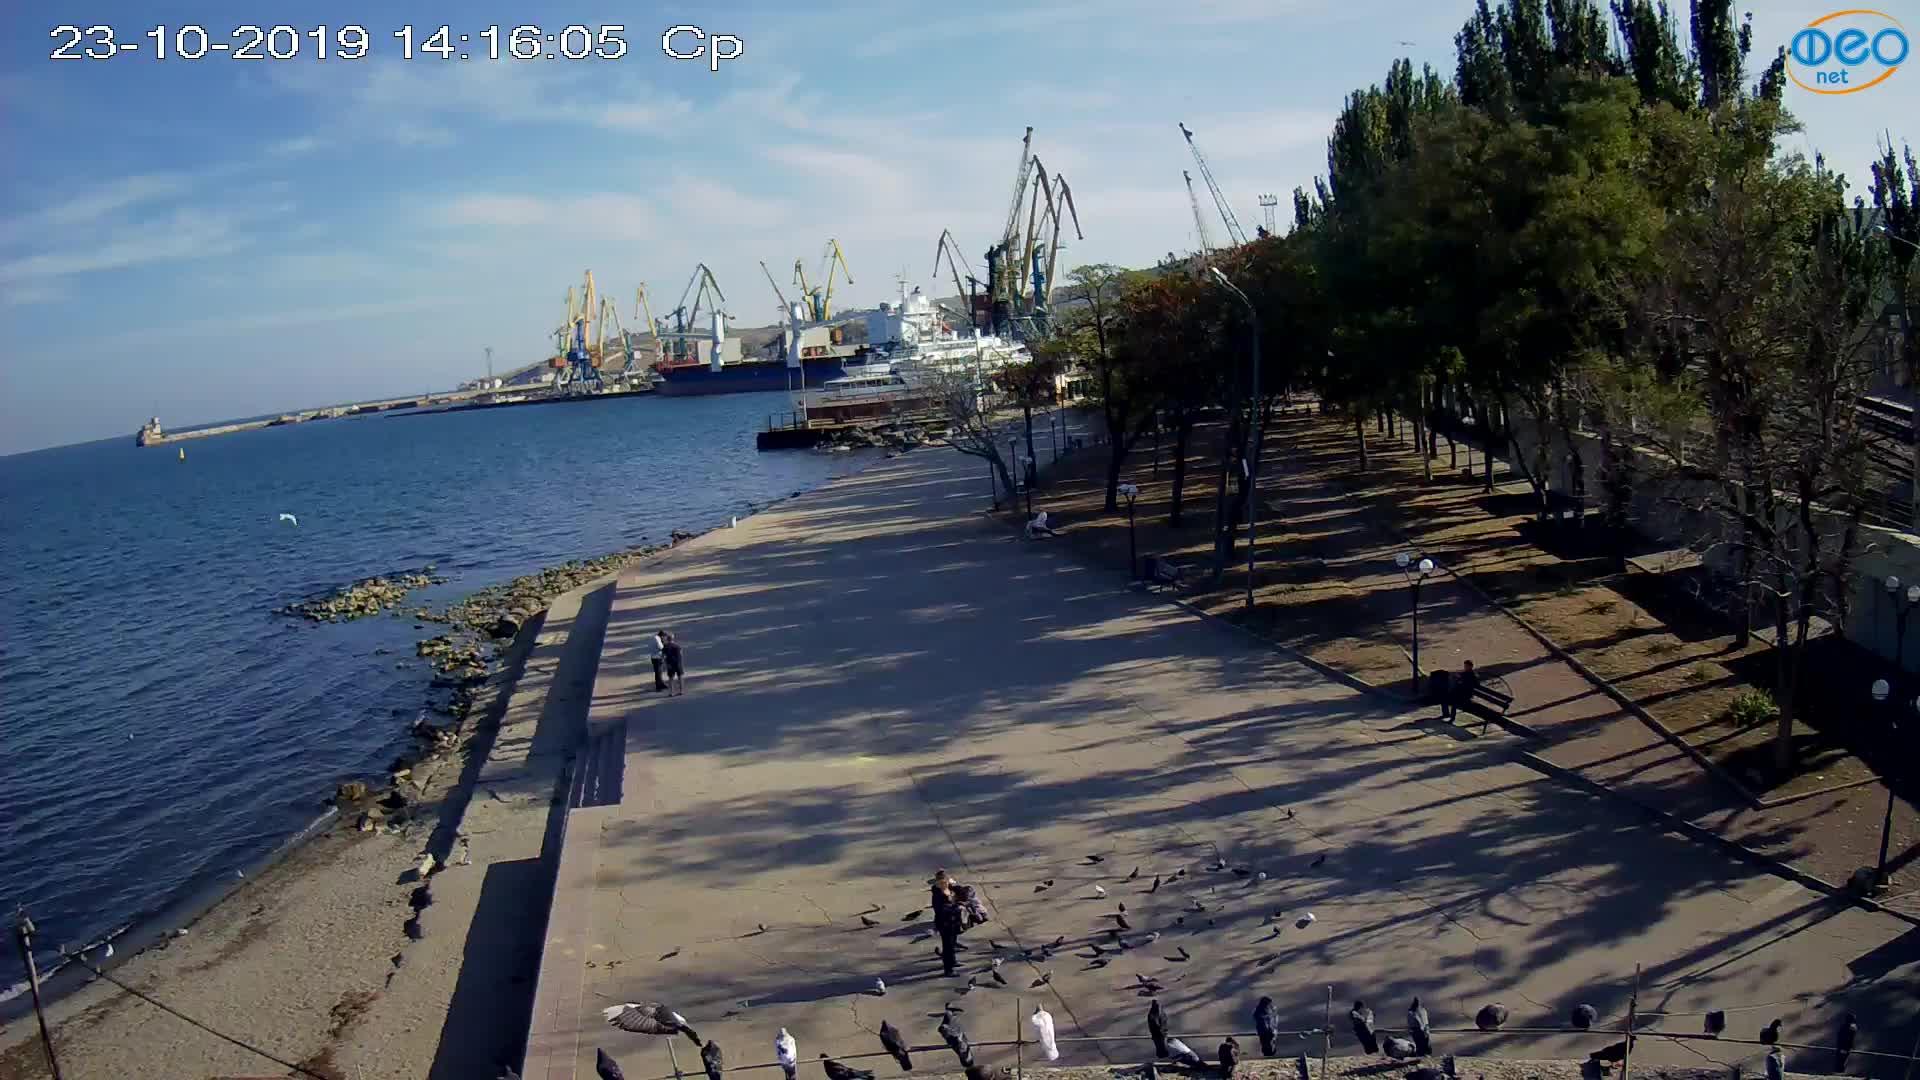 Веб-камеры Феодосии, Набережная Десантников, 2019-10-23 14:16:15